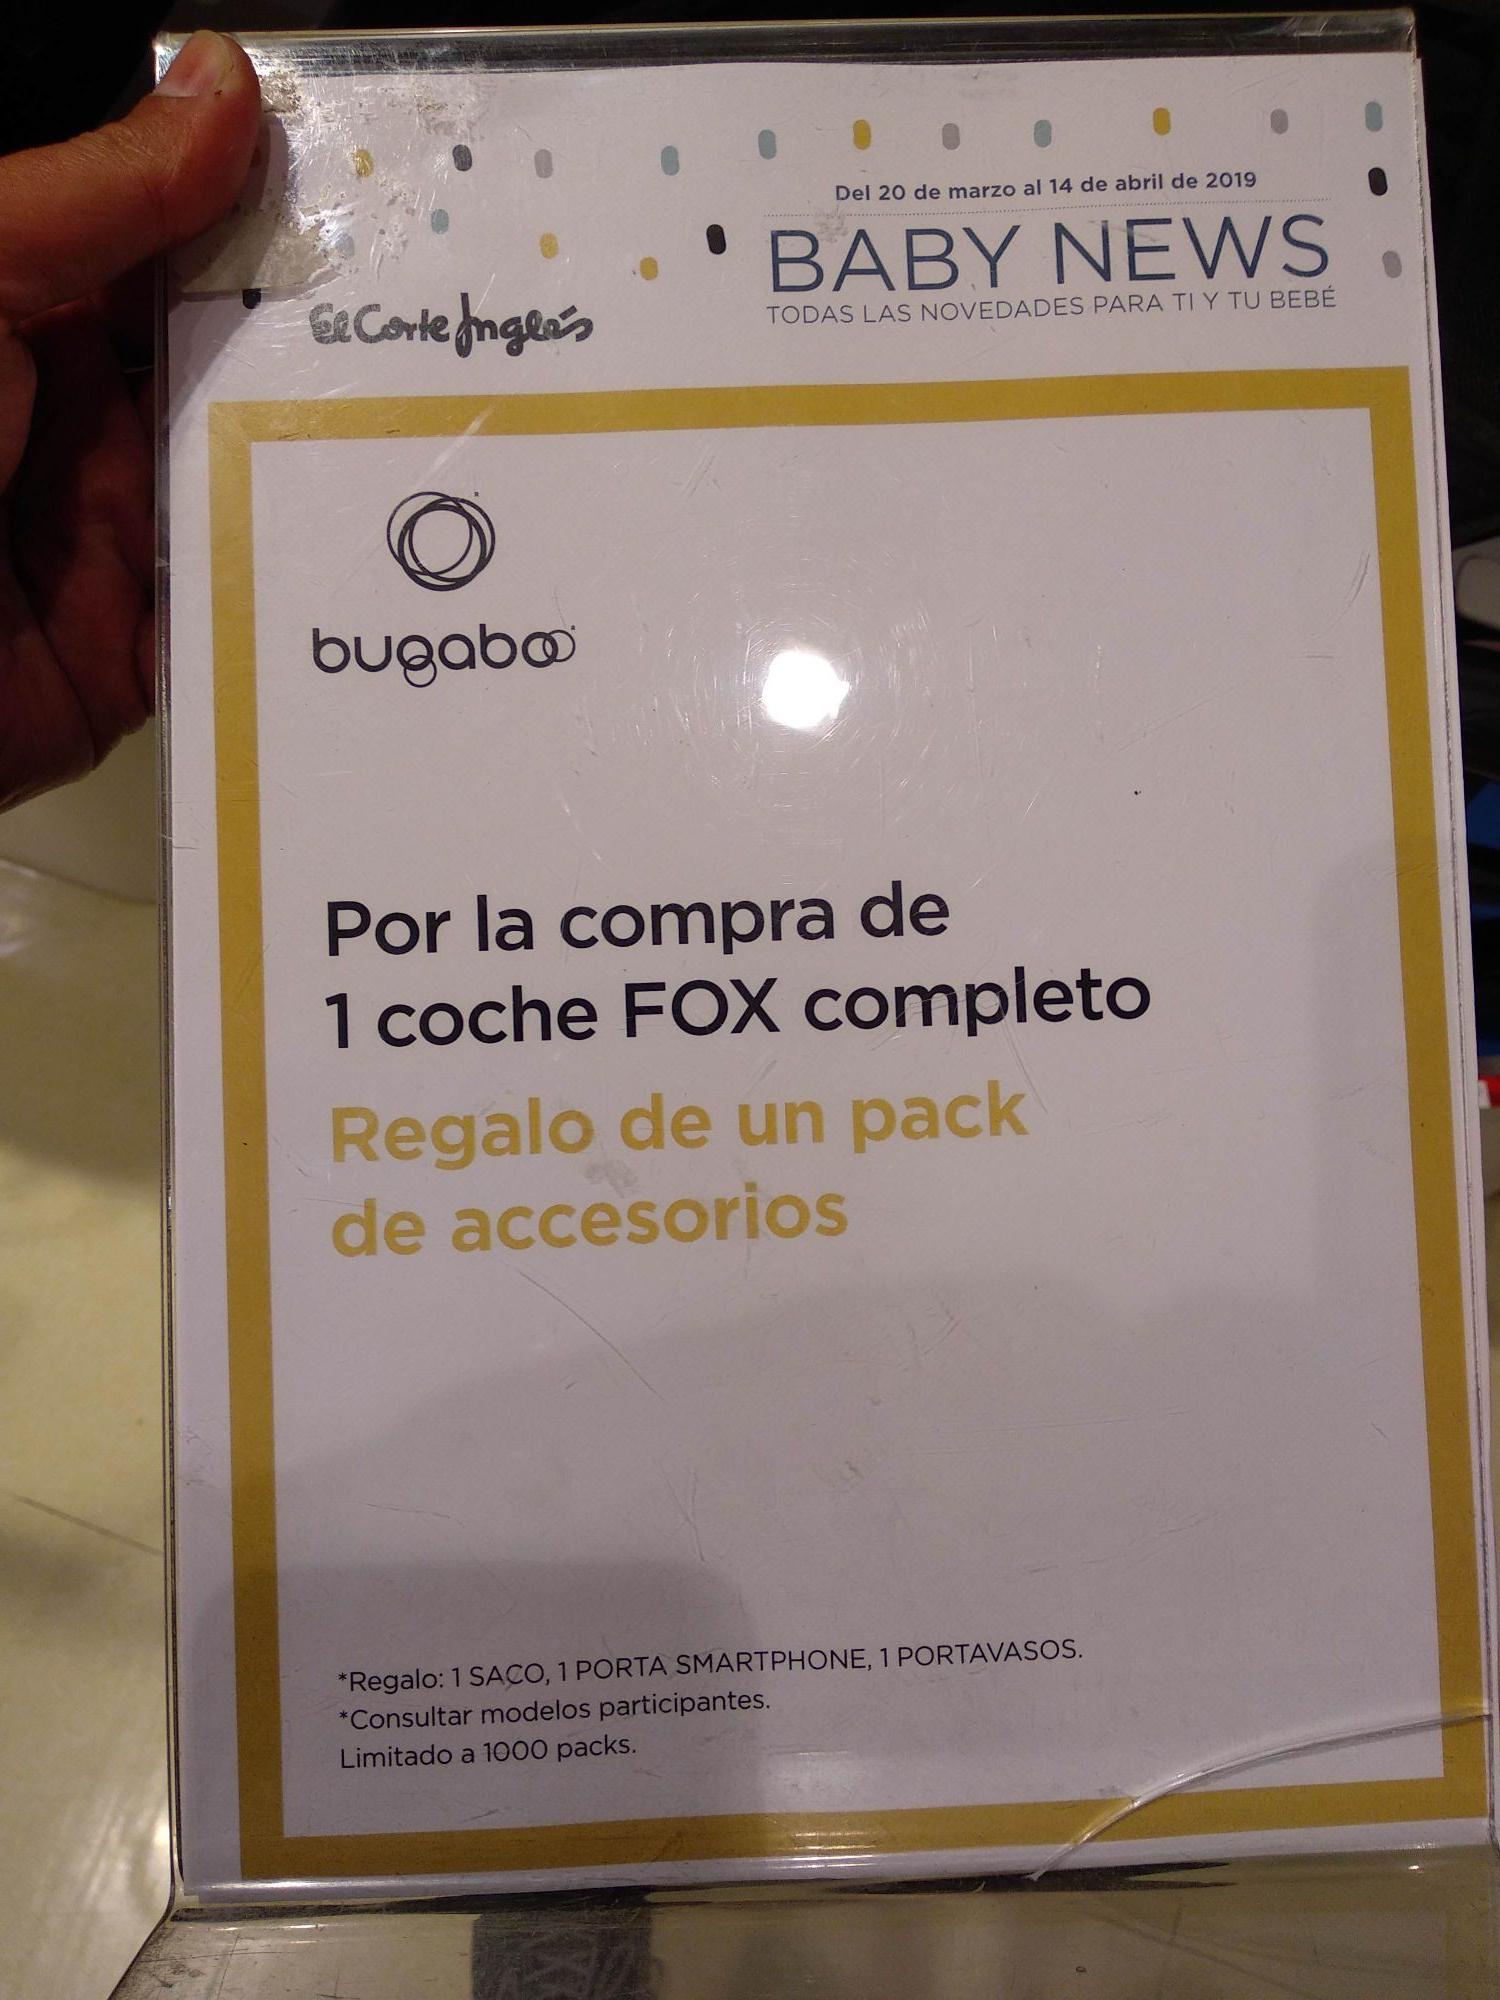 Accesorios de Bugaboo (saco, soporte botella y móvil) al comprar un Bugaboo Fox